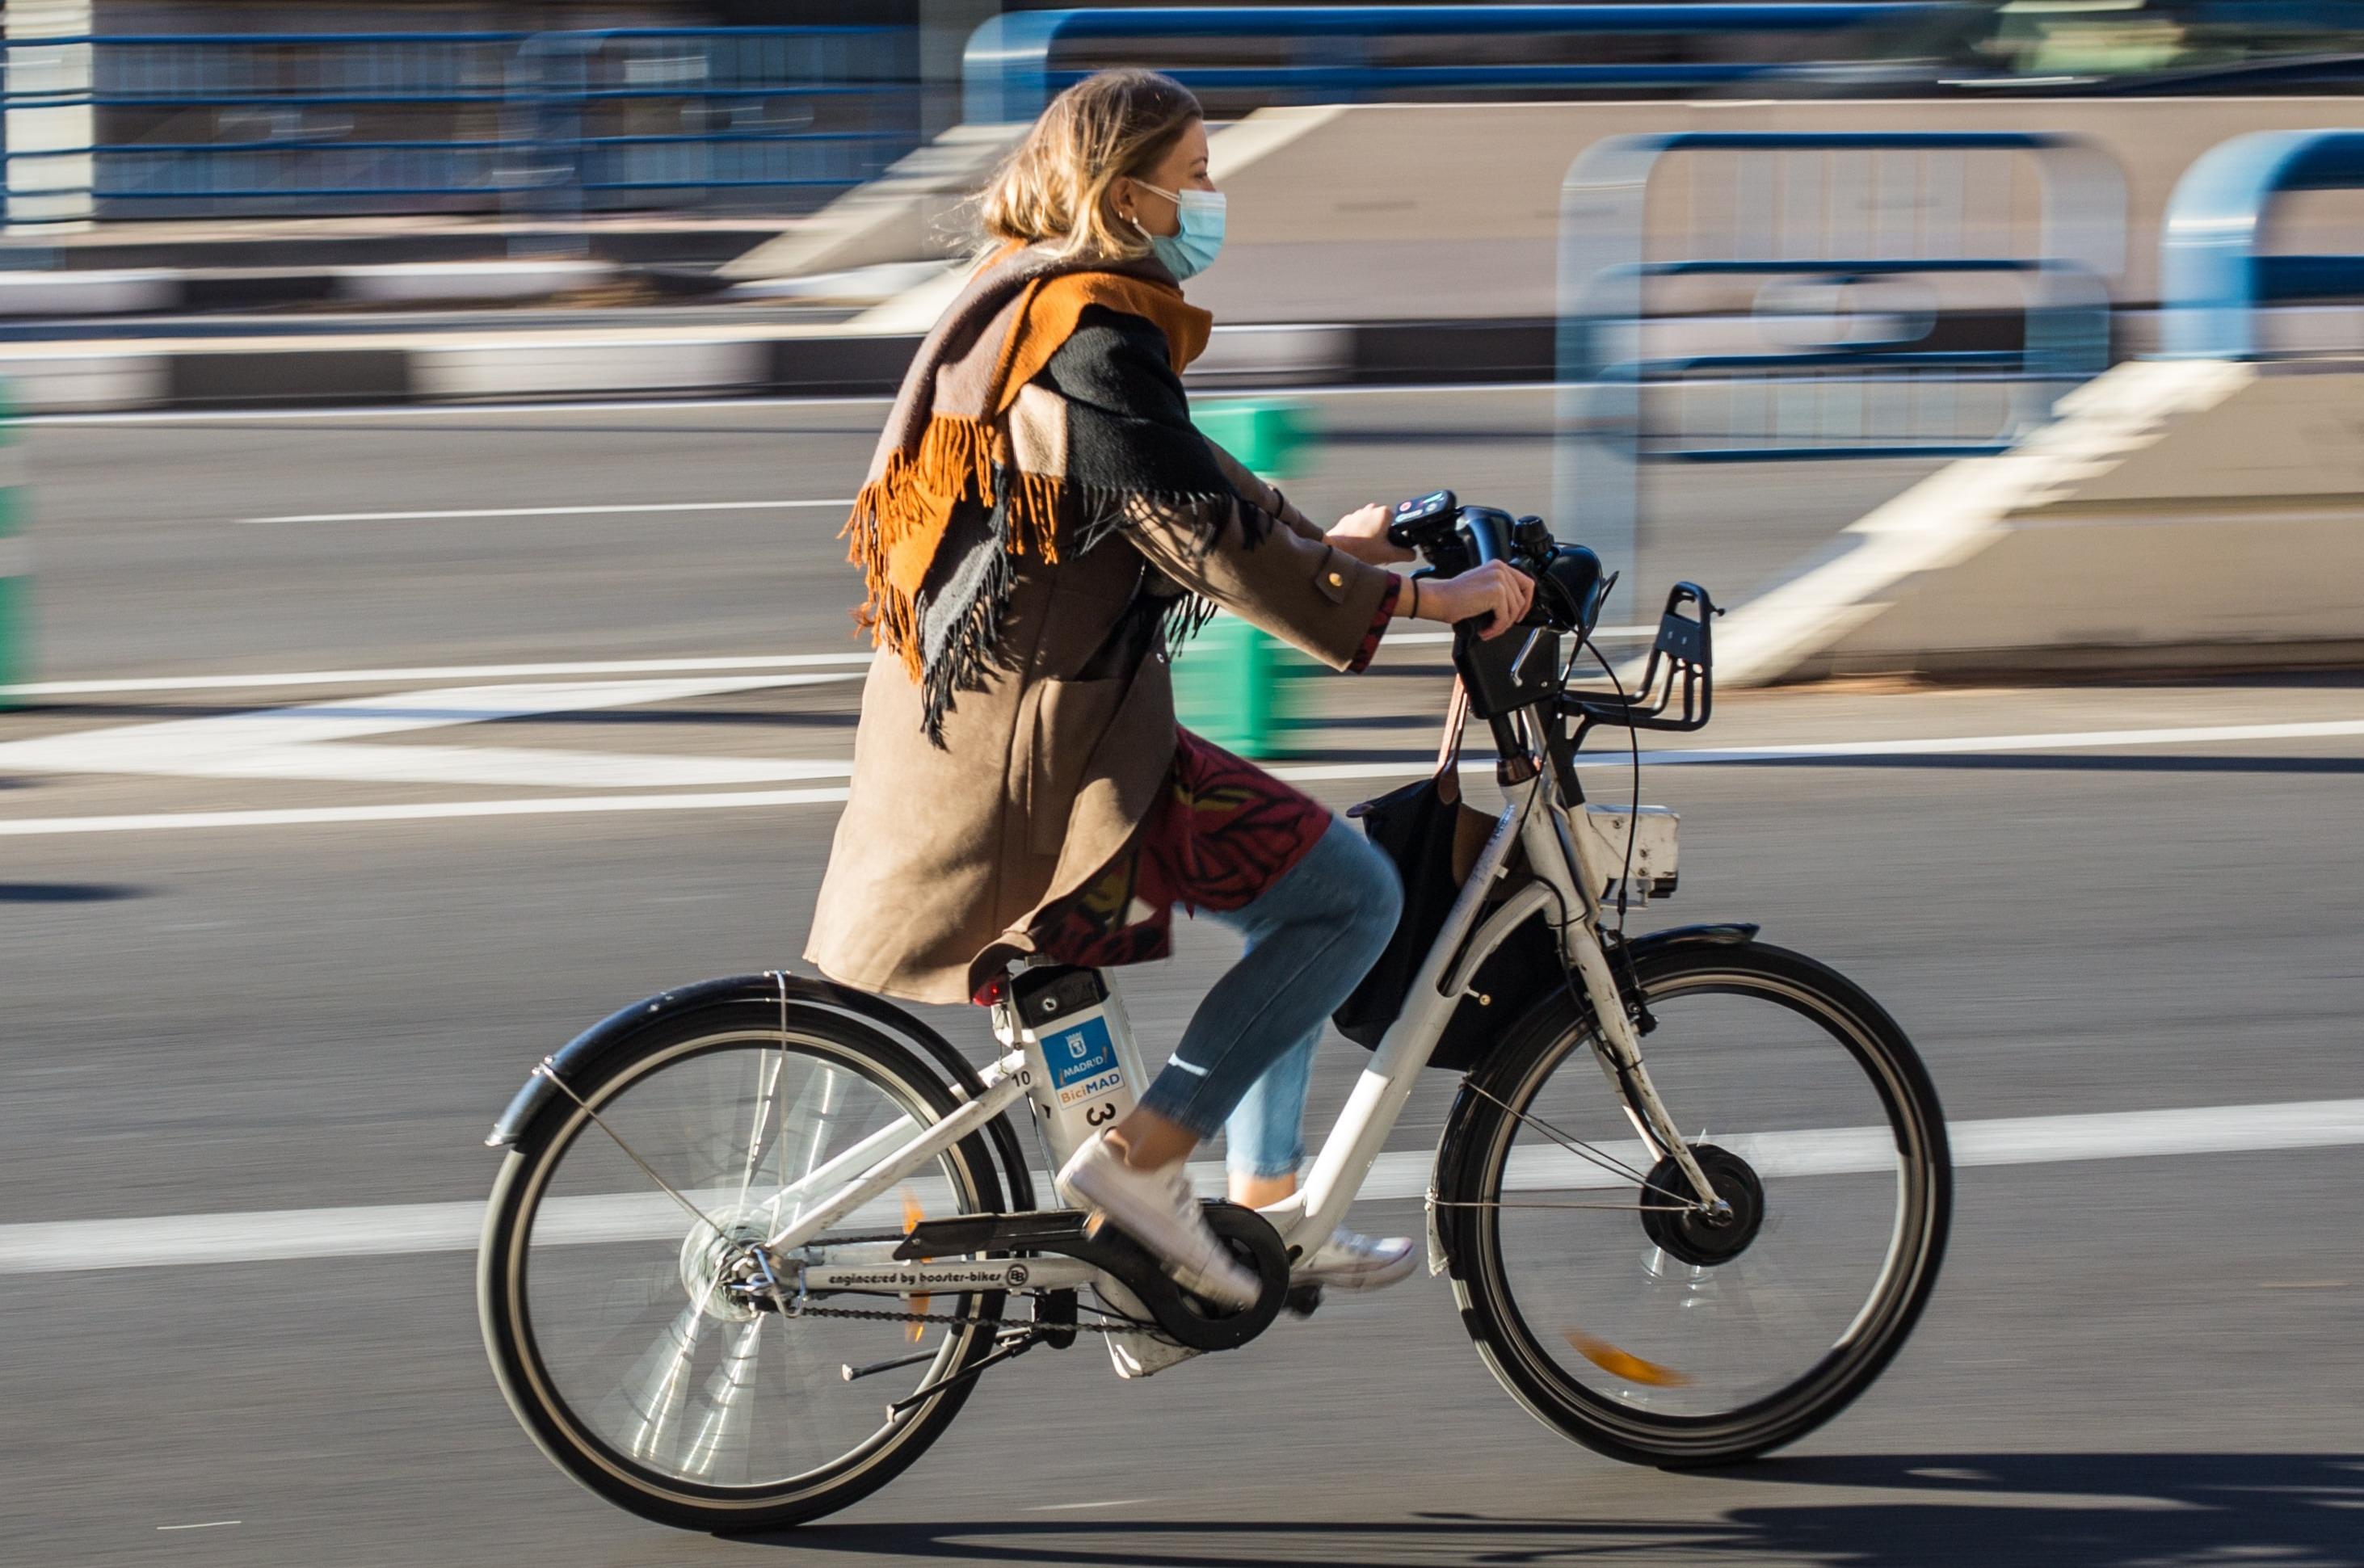 Fünf wichtige Schritte auf dem Weg zur Smart City_cmm360_Photo by JavyGo on Unsplash